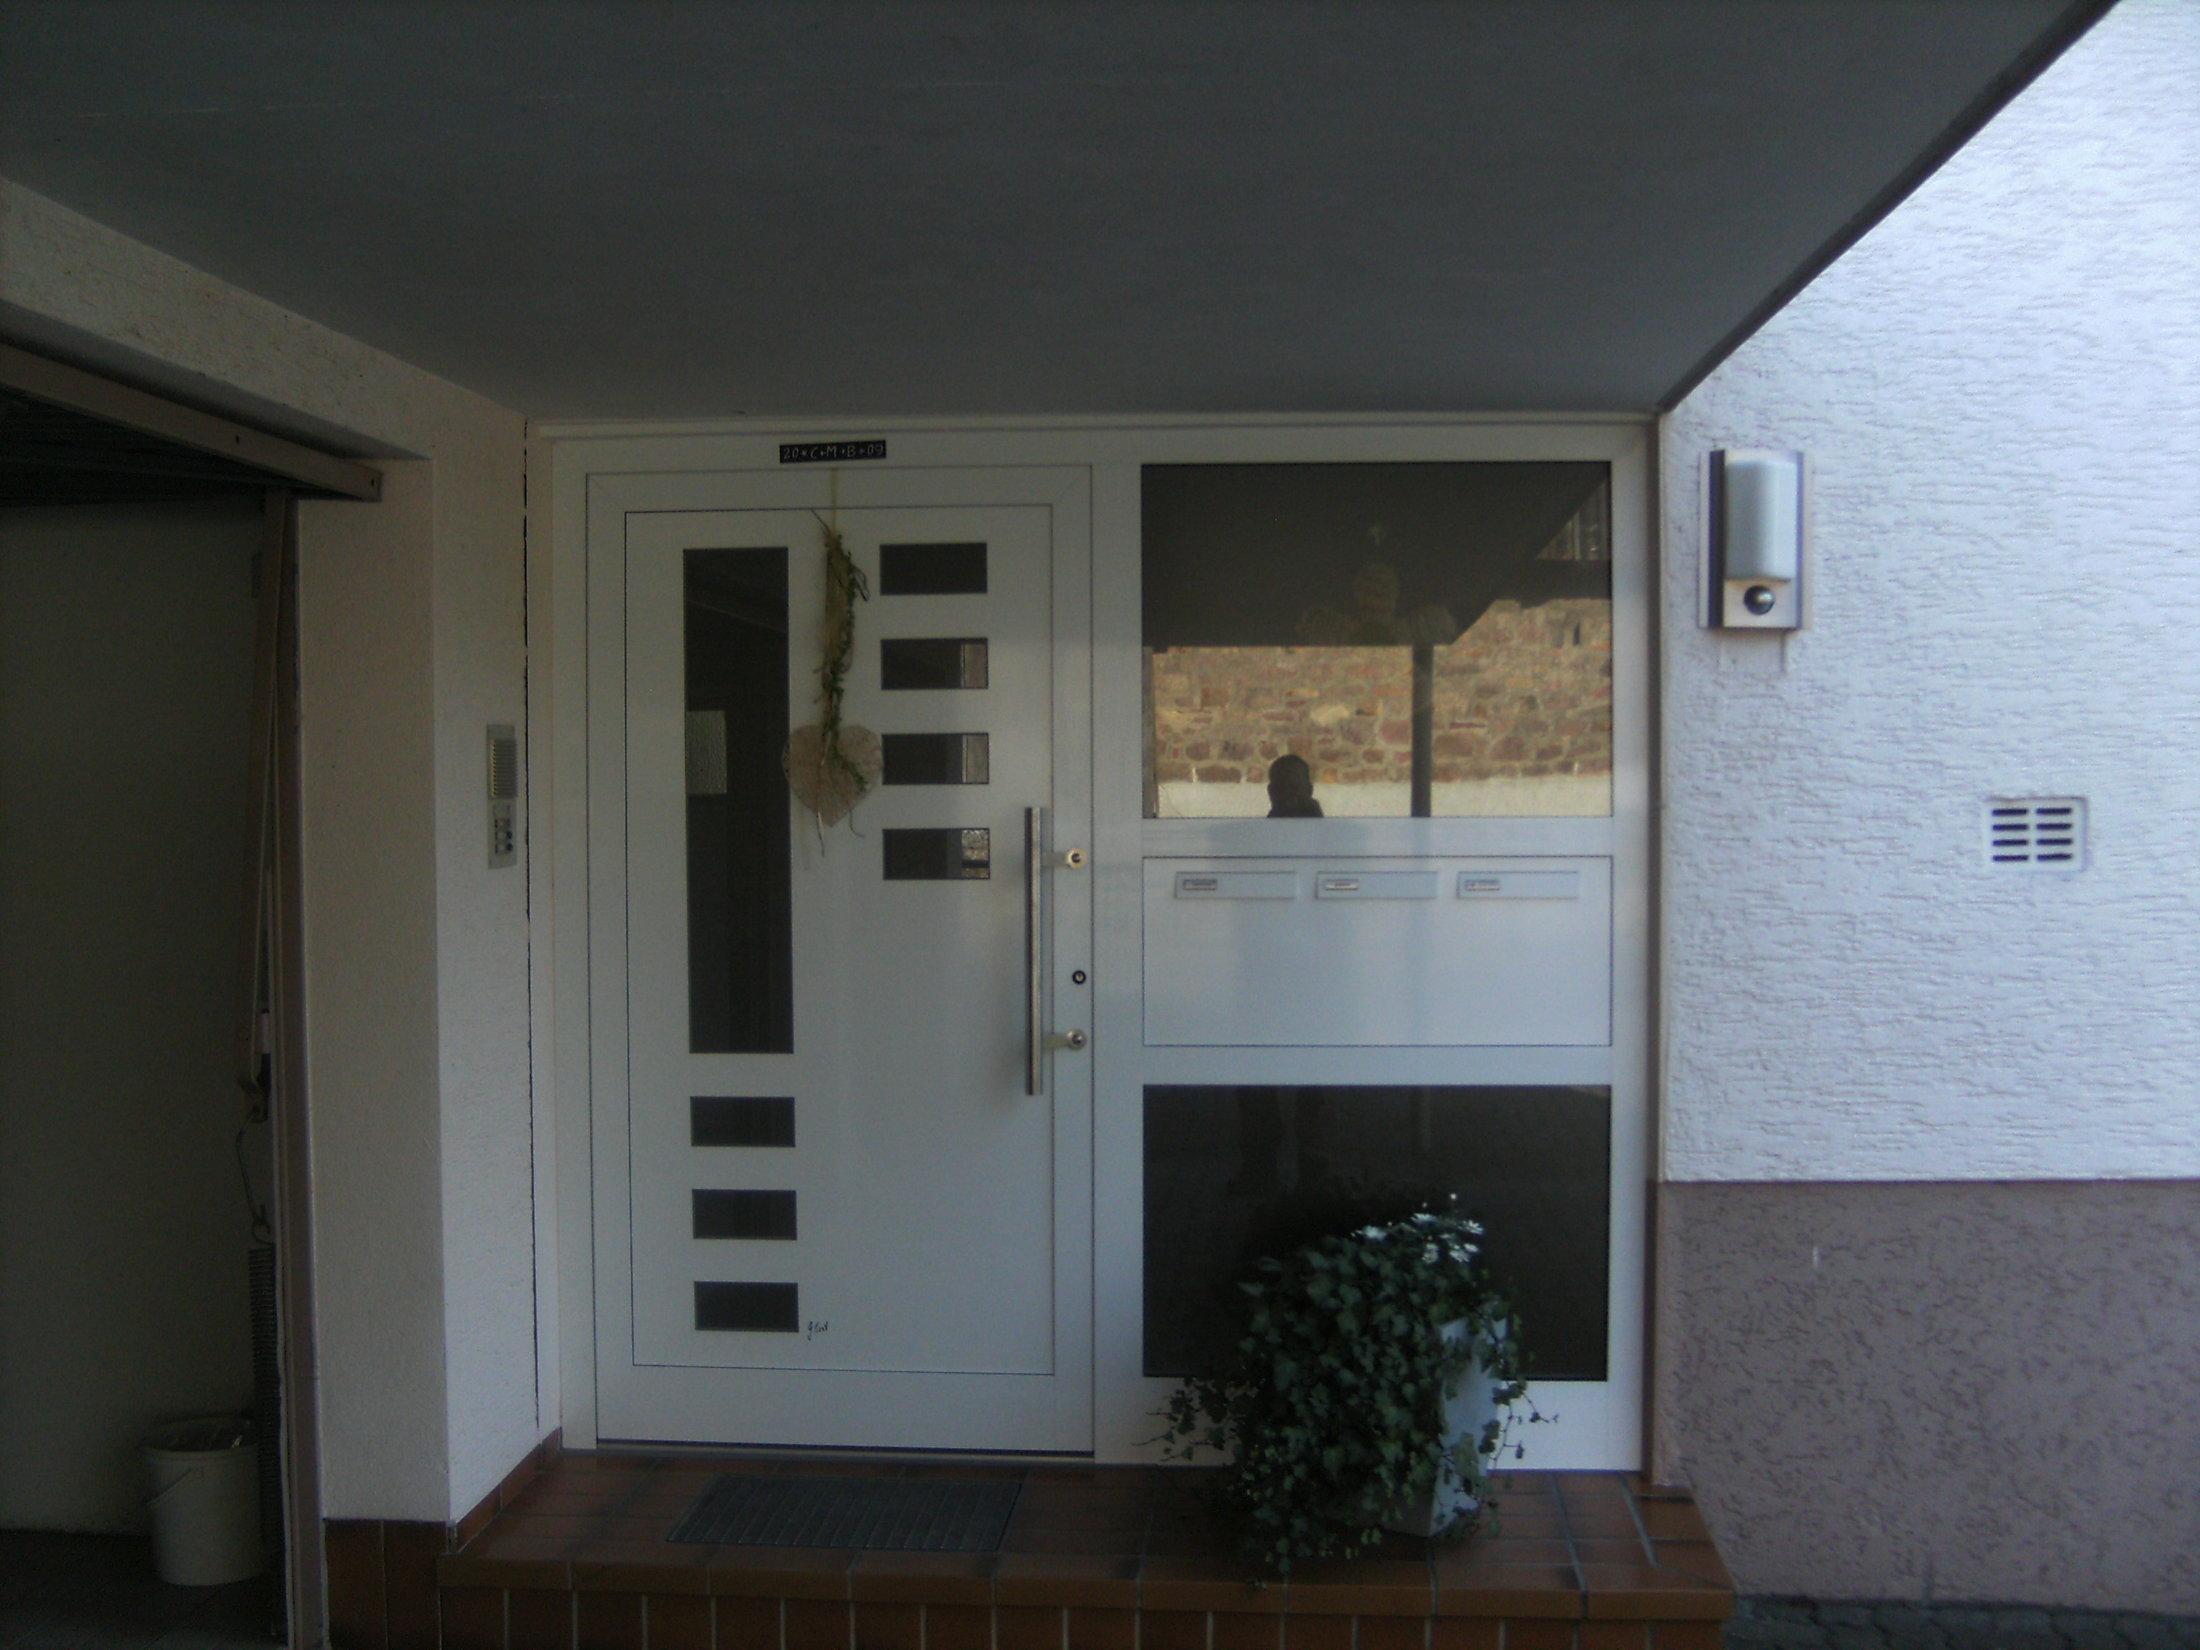 Aluminium Haustüre mit Lichtausschnitten, verglastes Seitenteil mit Briefkastenanlage